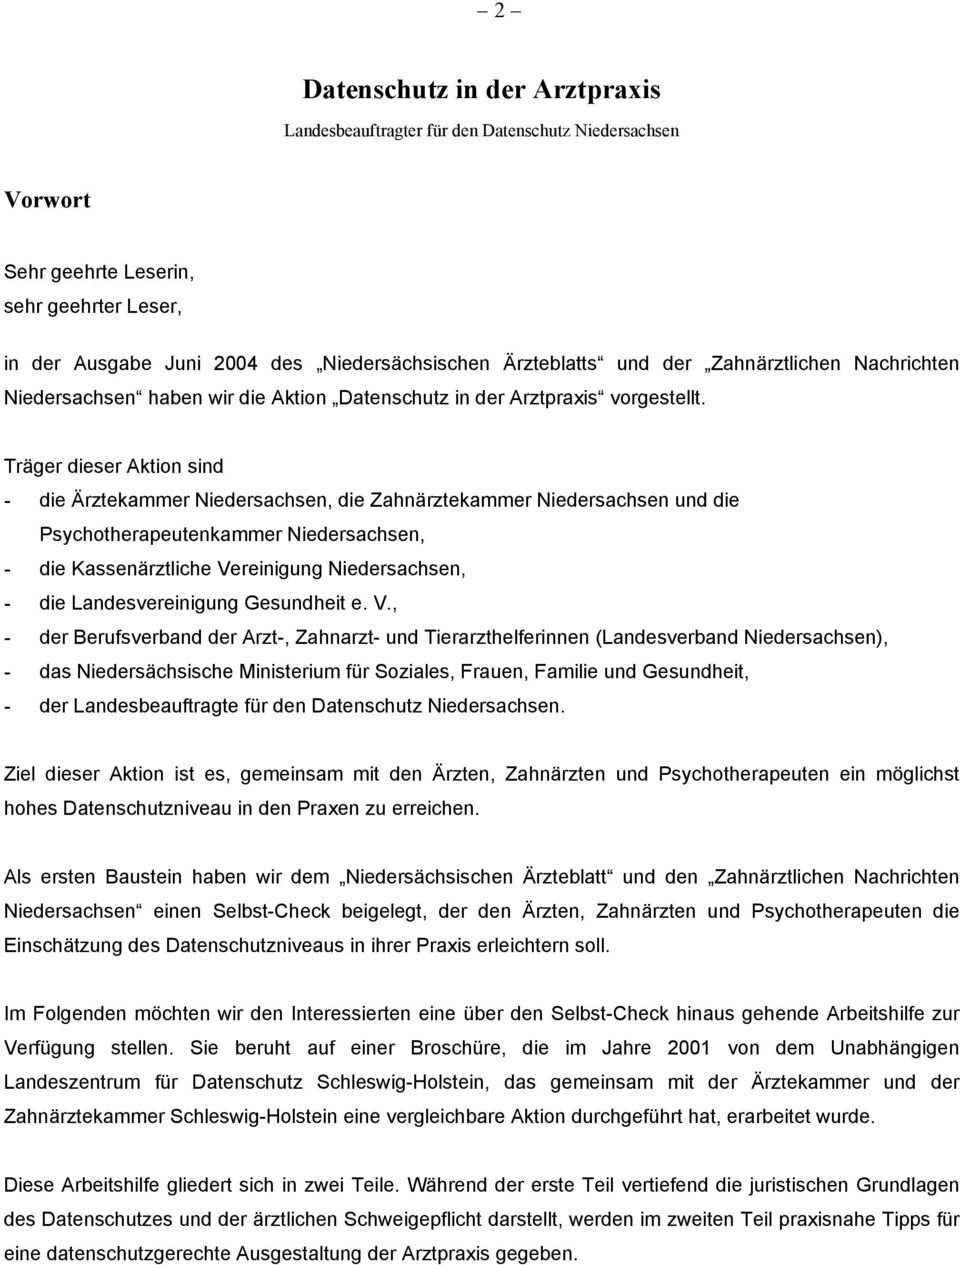 Datenschutz In Der Arztpraxis Pdf Free Download